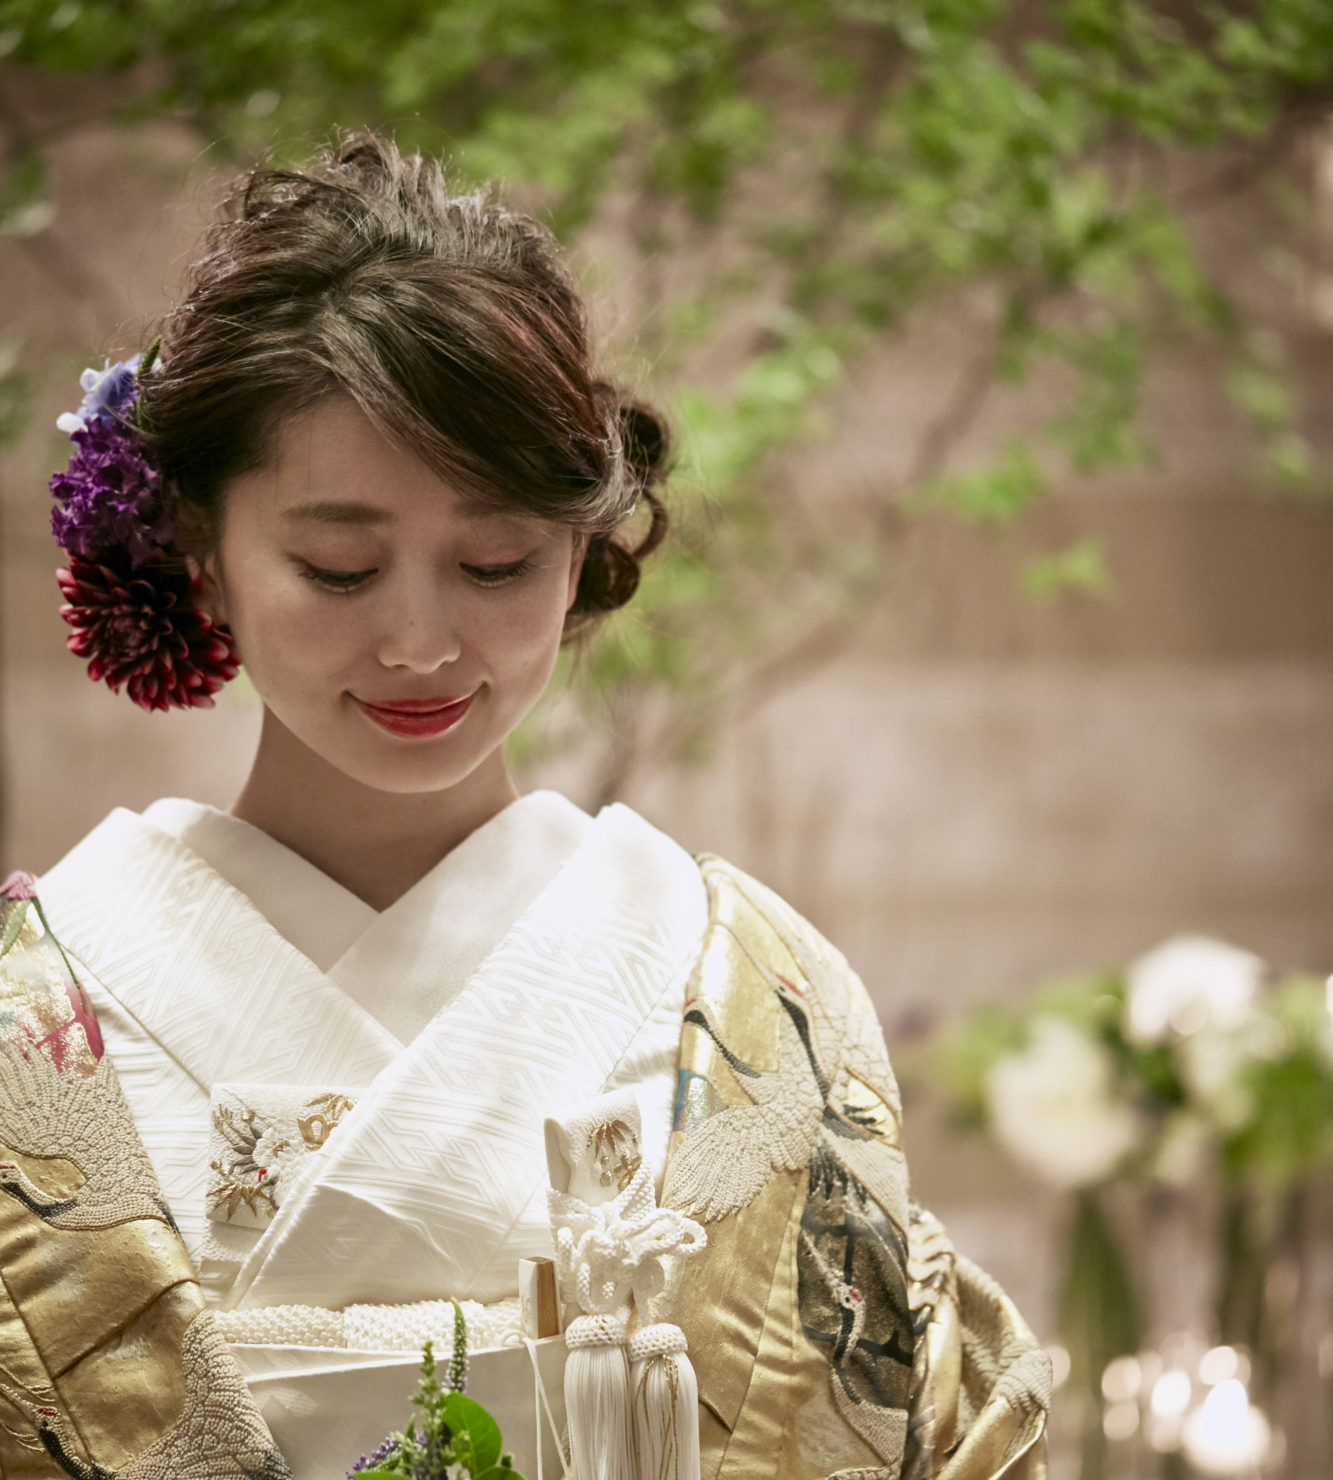 ★和装に少しでも興味のある方必見!★ 和婚フェア!日本の伝統を体感!感動の神前式会場【神明殿】見学ツアー